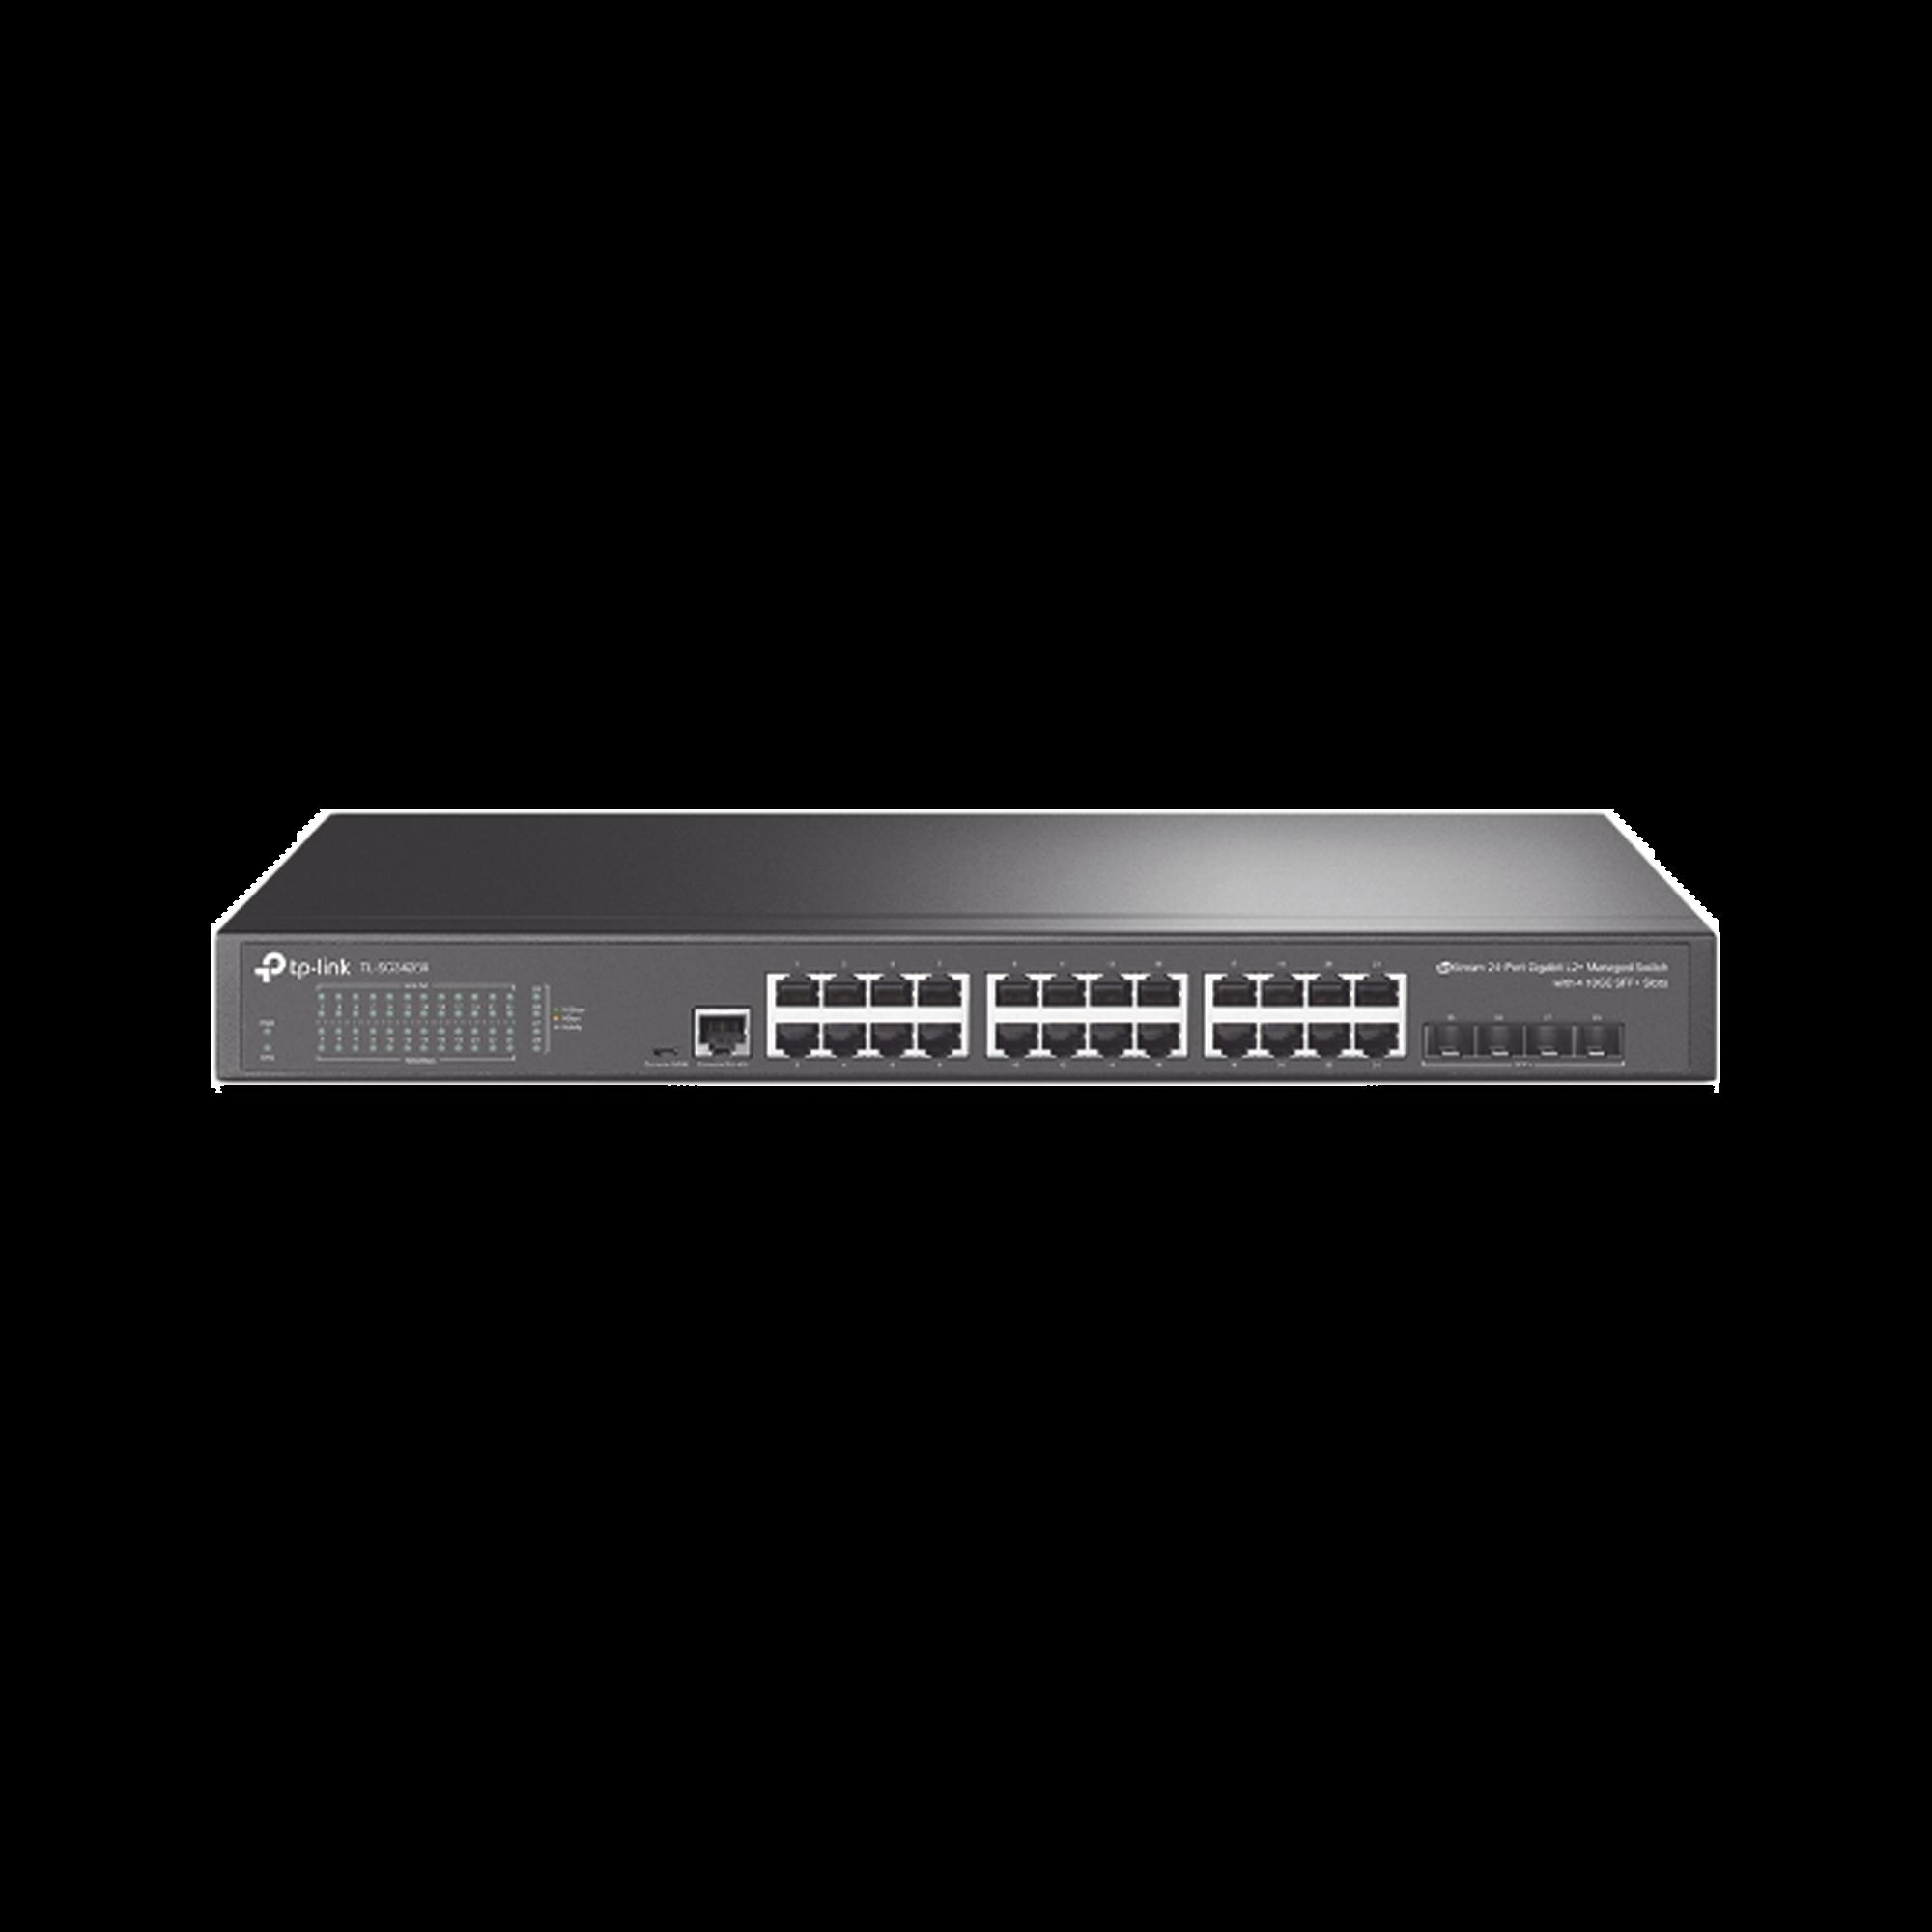 Switch JetStream SDN Administrable 24 puertos 10/100/1000 Mbps + 4 puertos SFP+, administración centralizada OMADA SDN